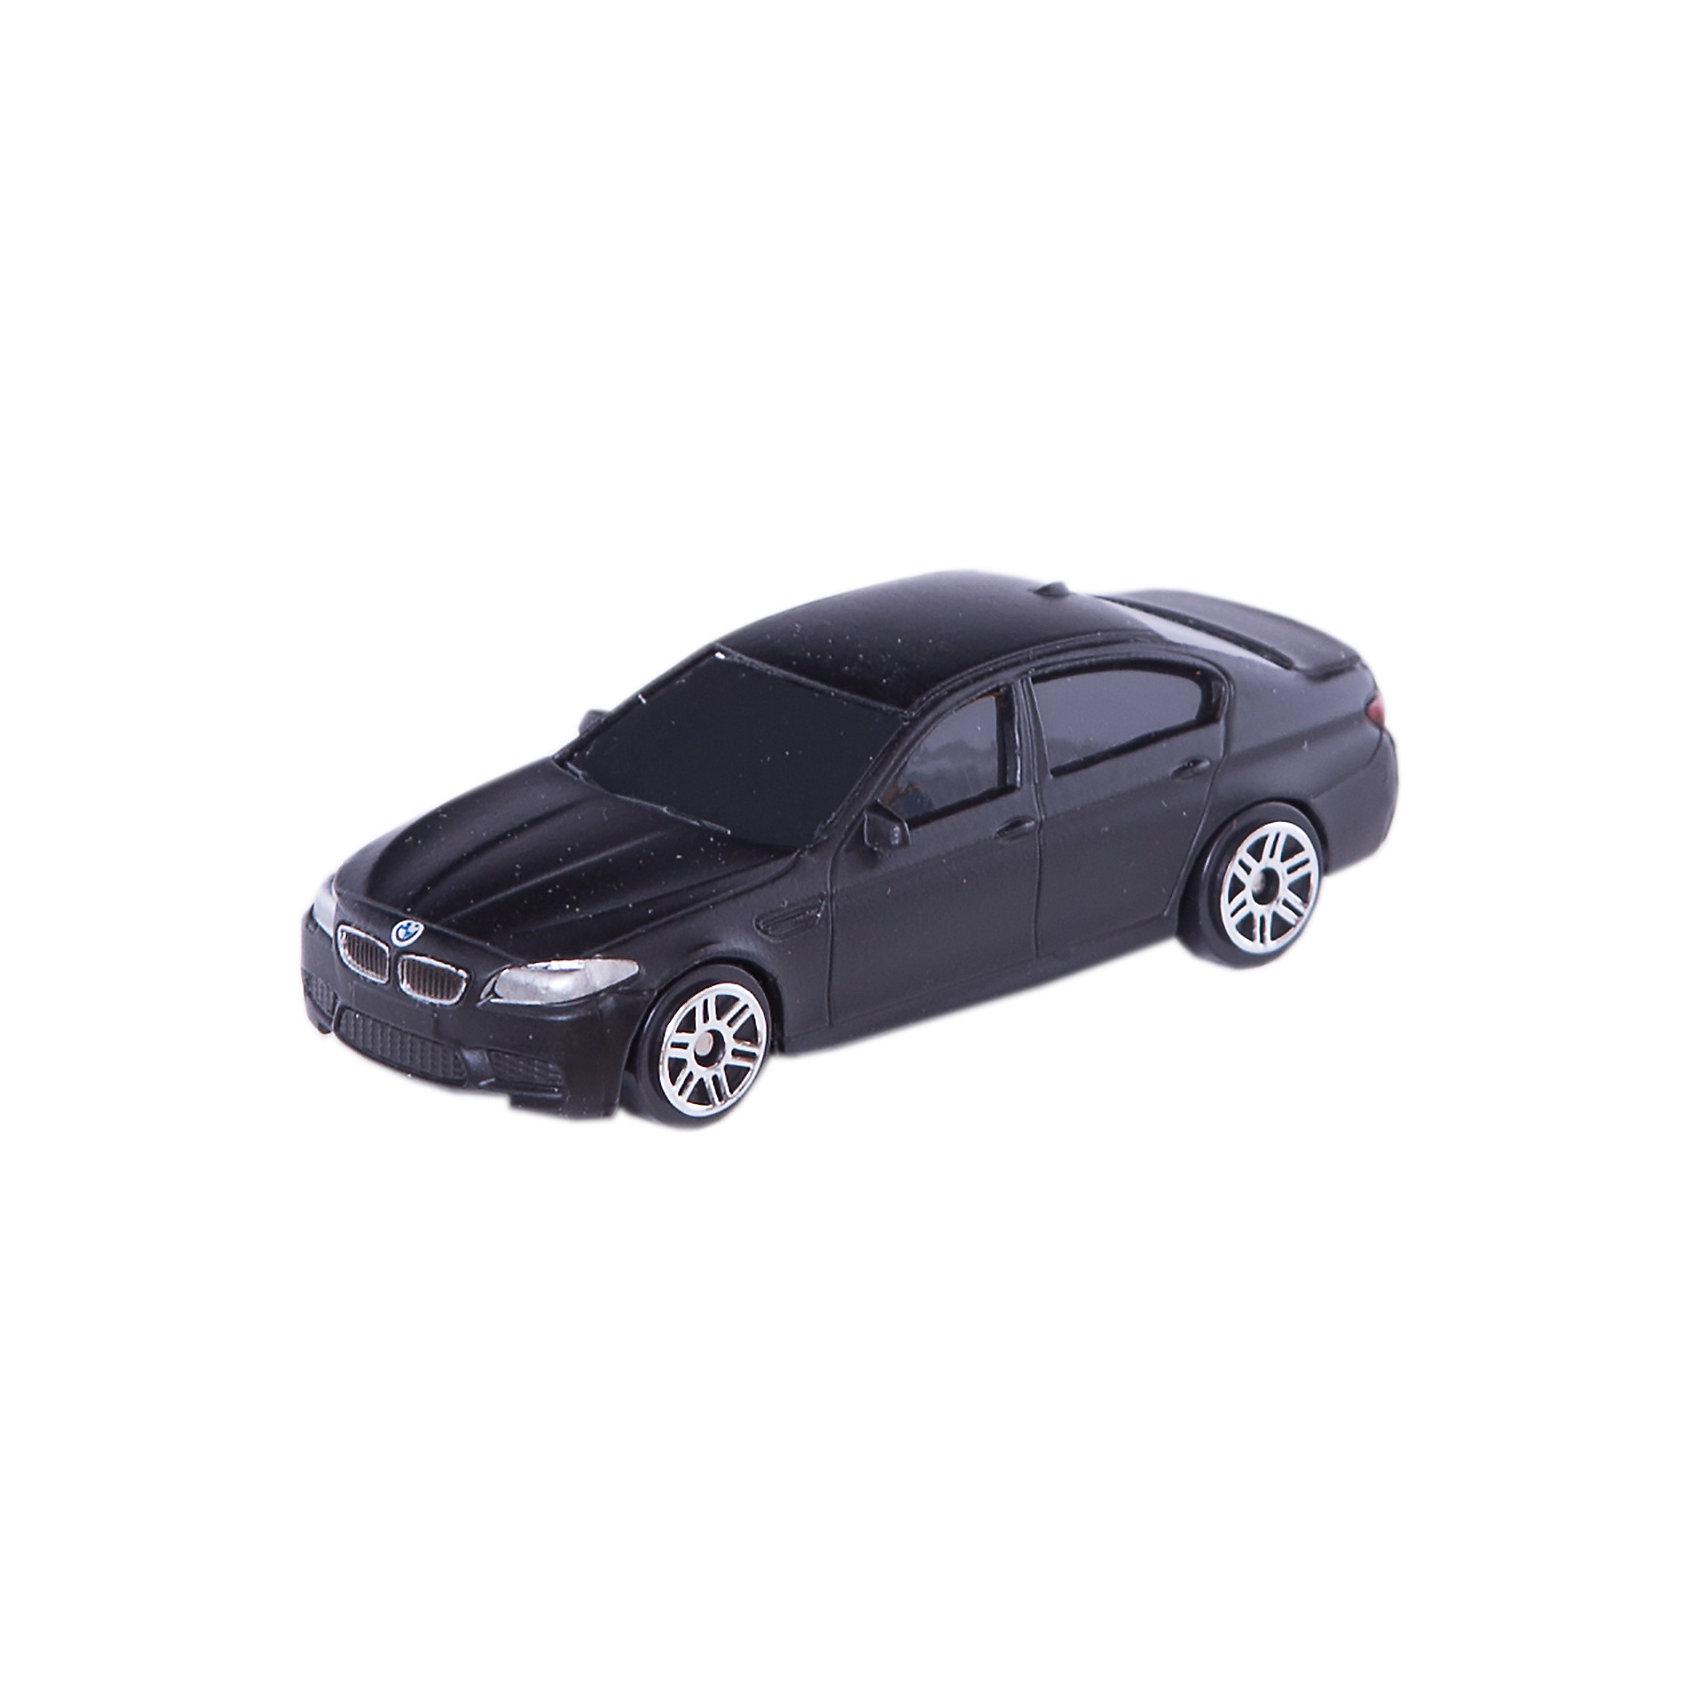 Машинка BMW M5 Black Edition 1:64, AutotimeМашинки<br>Характеристики товара:<br><br>• цвет: черный<br>• возраст: от 3 лет<br>• материал: металл, пластик<br>• масштаб: 1:64<br>• размер упаковки: 9х4х4 см<br>• вес с упаковкой: 100 г<br>• страна бренда: Россия, Китай<br>• страна изготовитель: Китай<br><br>Такая машинка представляет собой миниатюрную копию реально существующей модели. Она отличается высокой детализацией, является коллекционной моделью. <br><br>Машинка произведена из прочного и безопасного материала. Корпус - из металла. <br><br>Машинку «BMW M5 Black Edition 1:64», Autotime (Автотайм) можно купить в нашем интернет-магазине.<br><br>Ширина мм: 165<br>Глубина мм: 57<br>Высота мм: 75<br>Вес г: 15<br>Возраст от месяцев: 36<br>Возраст до месяцев: 2147483647<br>Пол: Мужской<br>Возраст: Детский<br>SKU: 5584114